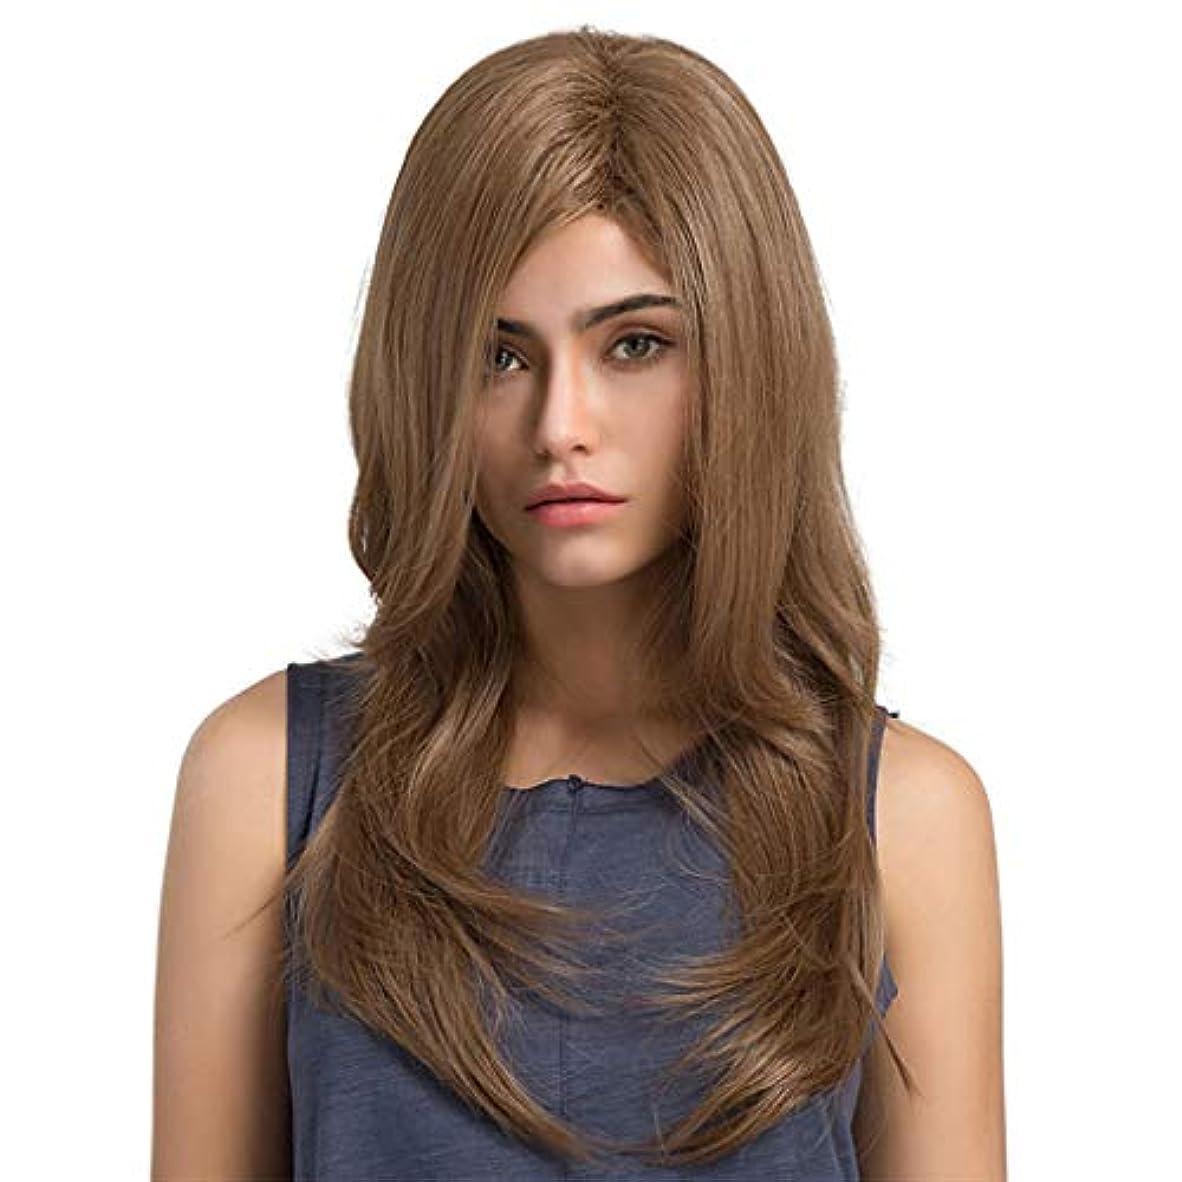 クラウンメタリック寝る女性の長い巻き毛のかつら パーティーかつら65 cm